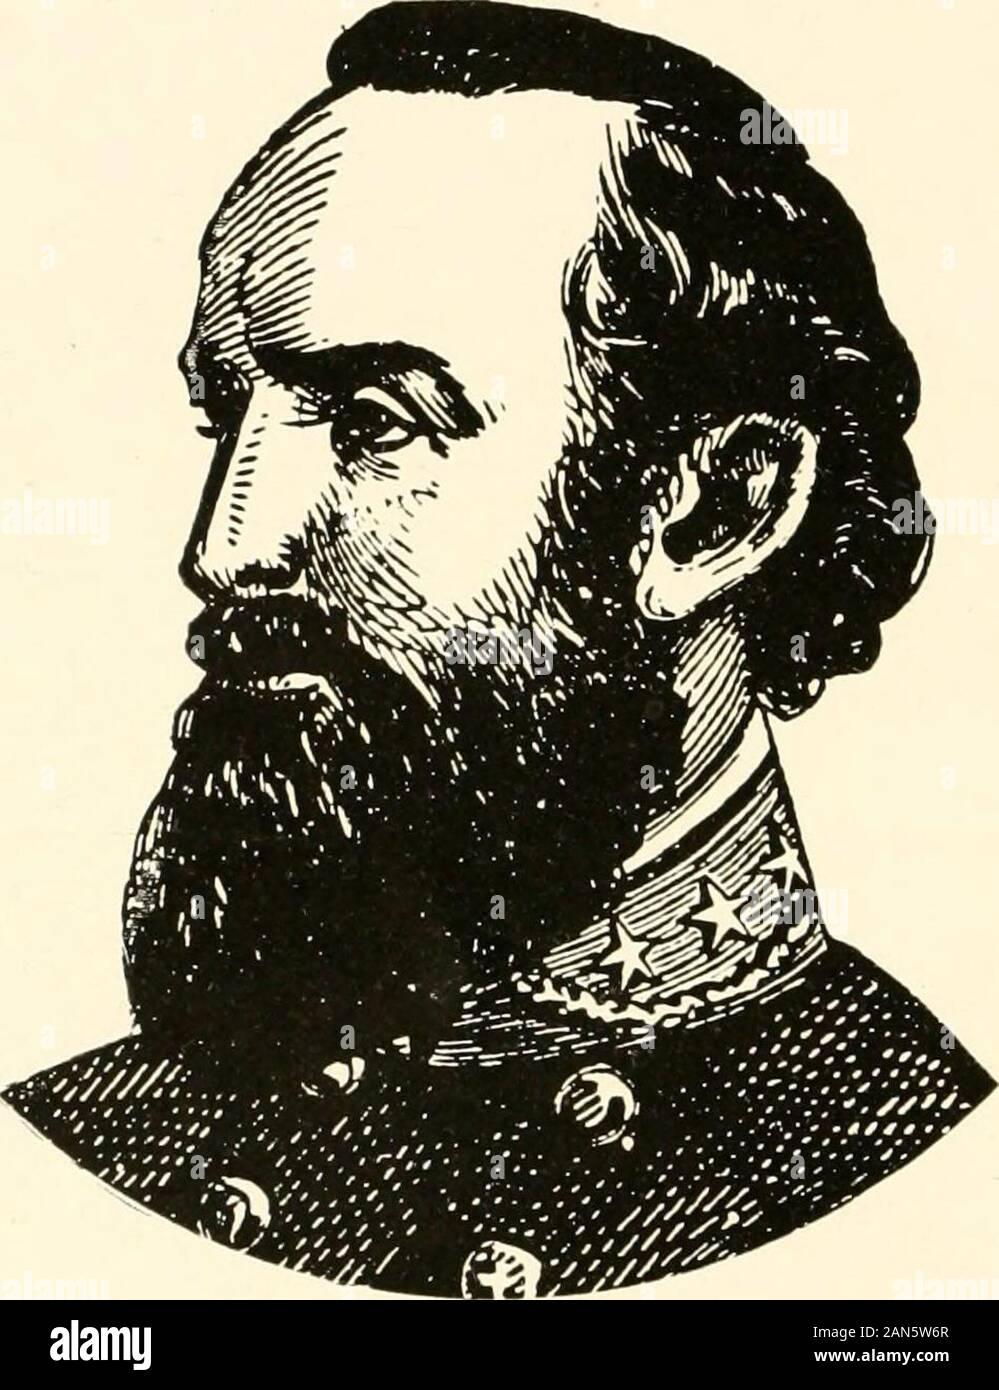 Die Geschichte und die Geographie von Texas, wie in der Grafschaft Namen gesagt. warhe serviert auf thefrontier der USA, trat jedoch 1855 der Po-sition von Professor ofmathematics an theVirginia militärischen Institut zu akzeptieren, und war in den Pflichten ofthat Position eingekuppelt, wenn der Bürgerkrieg im Jahre 1861. Er offeredhis Dienstleistungen zu seiner Heimatstadt und wurde sofort Commis - sioned Oberst und bald danach Brigadier General. Whilecommanding seine Brigade an der ersten Schlacht von Manassas, ColonelBarnard E. Biene, deren Regiment durch den Feind verwirrt war, wies darauf hin, seine Befehle General Jackson, sagen, Th Stockfoto